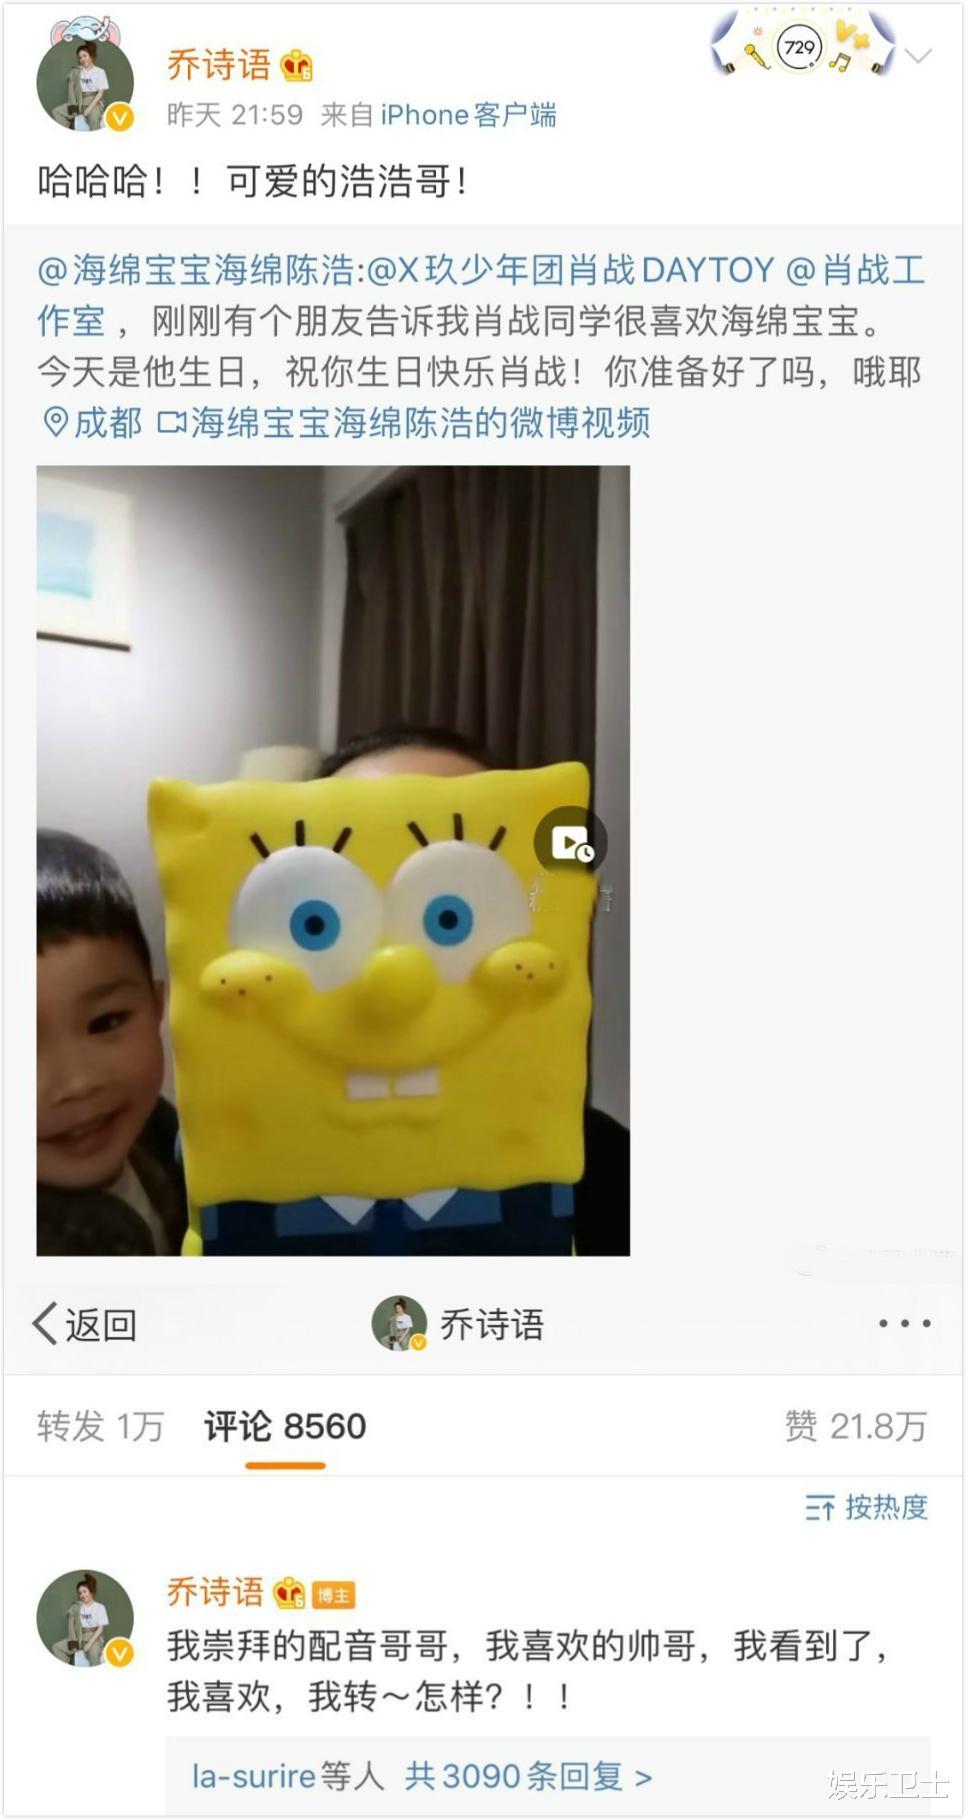 邊江發文道歉顯無奈,已刪除對肖戰生日祝福,曾為《陳情令》王一博配音-圖5